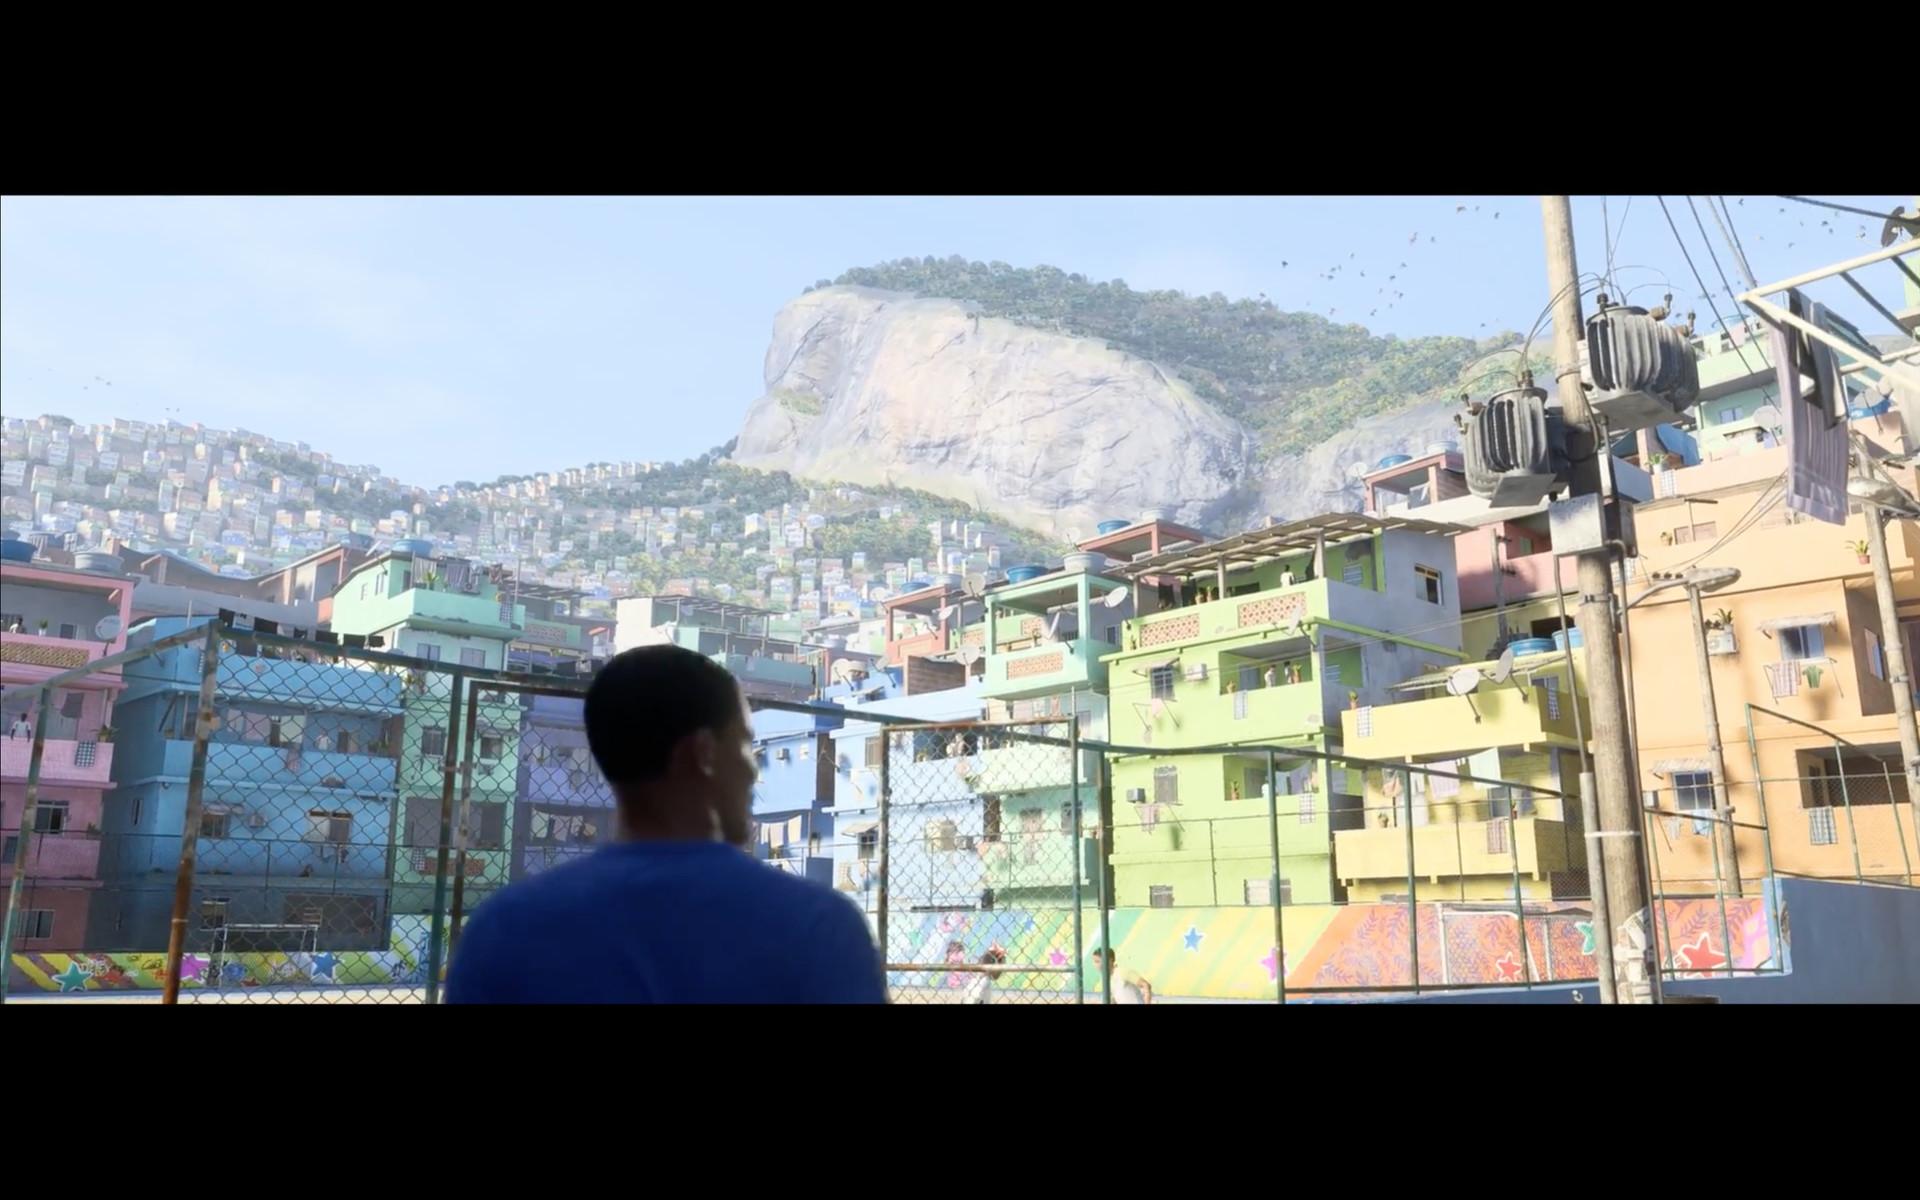 Zane sturm favela 1